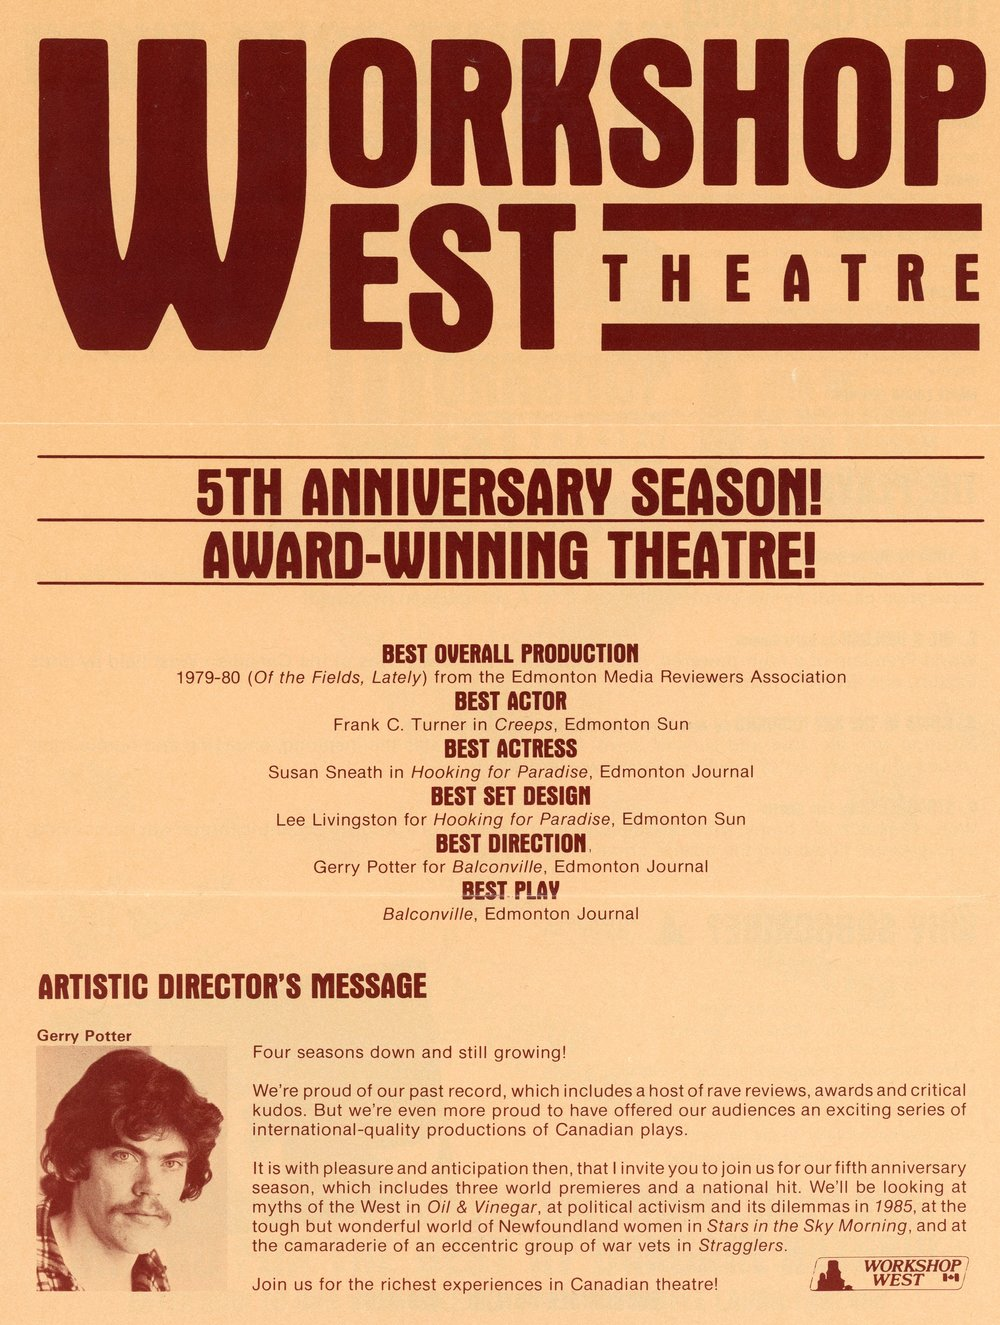 Fifth Season Announcement (1982-1983).jpg